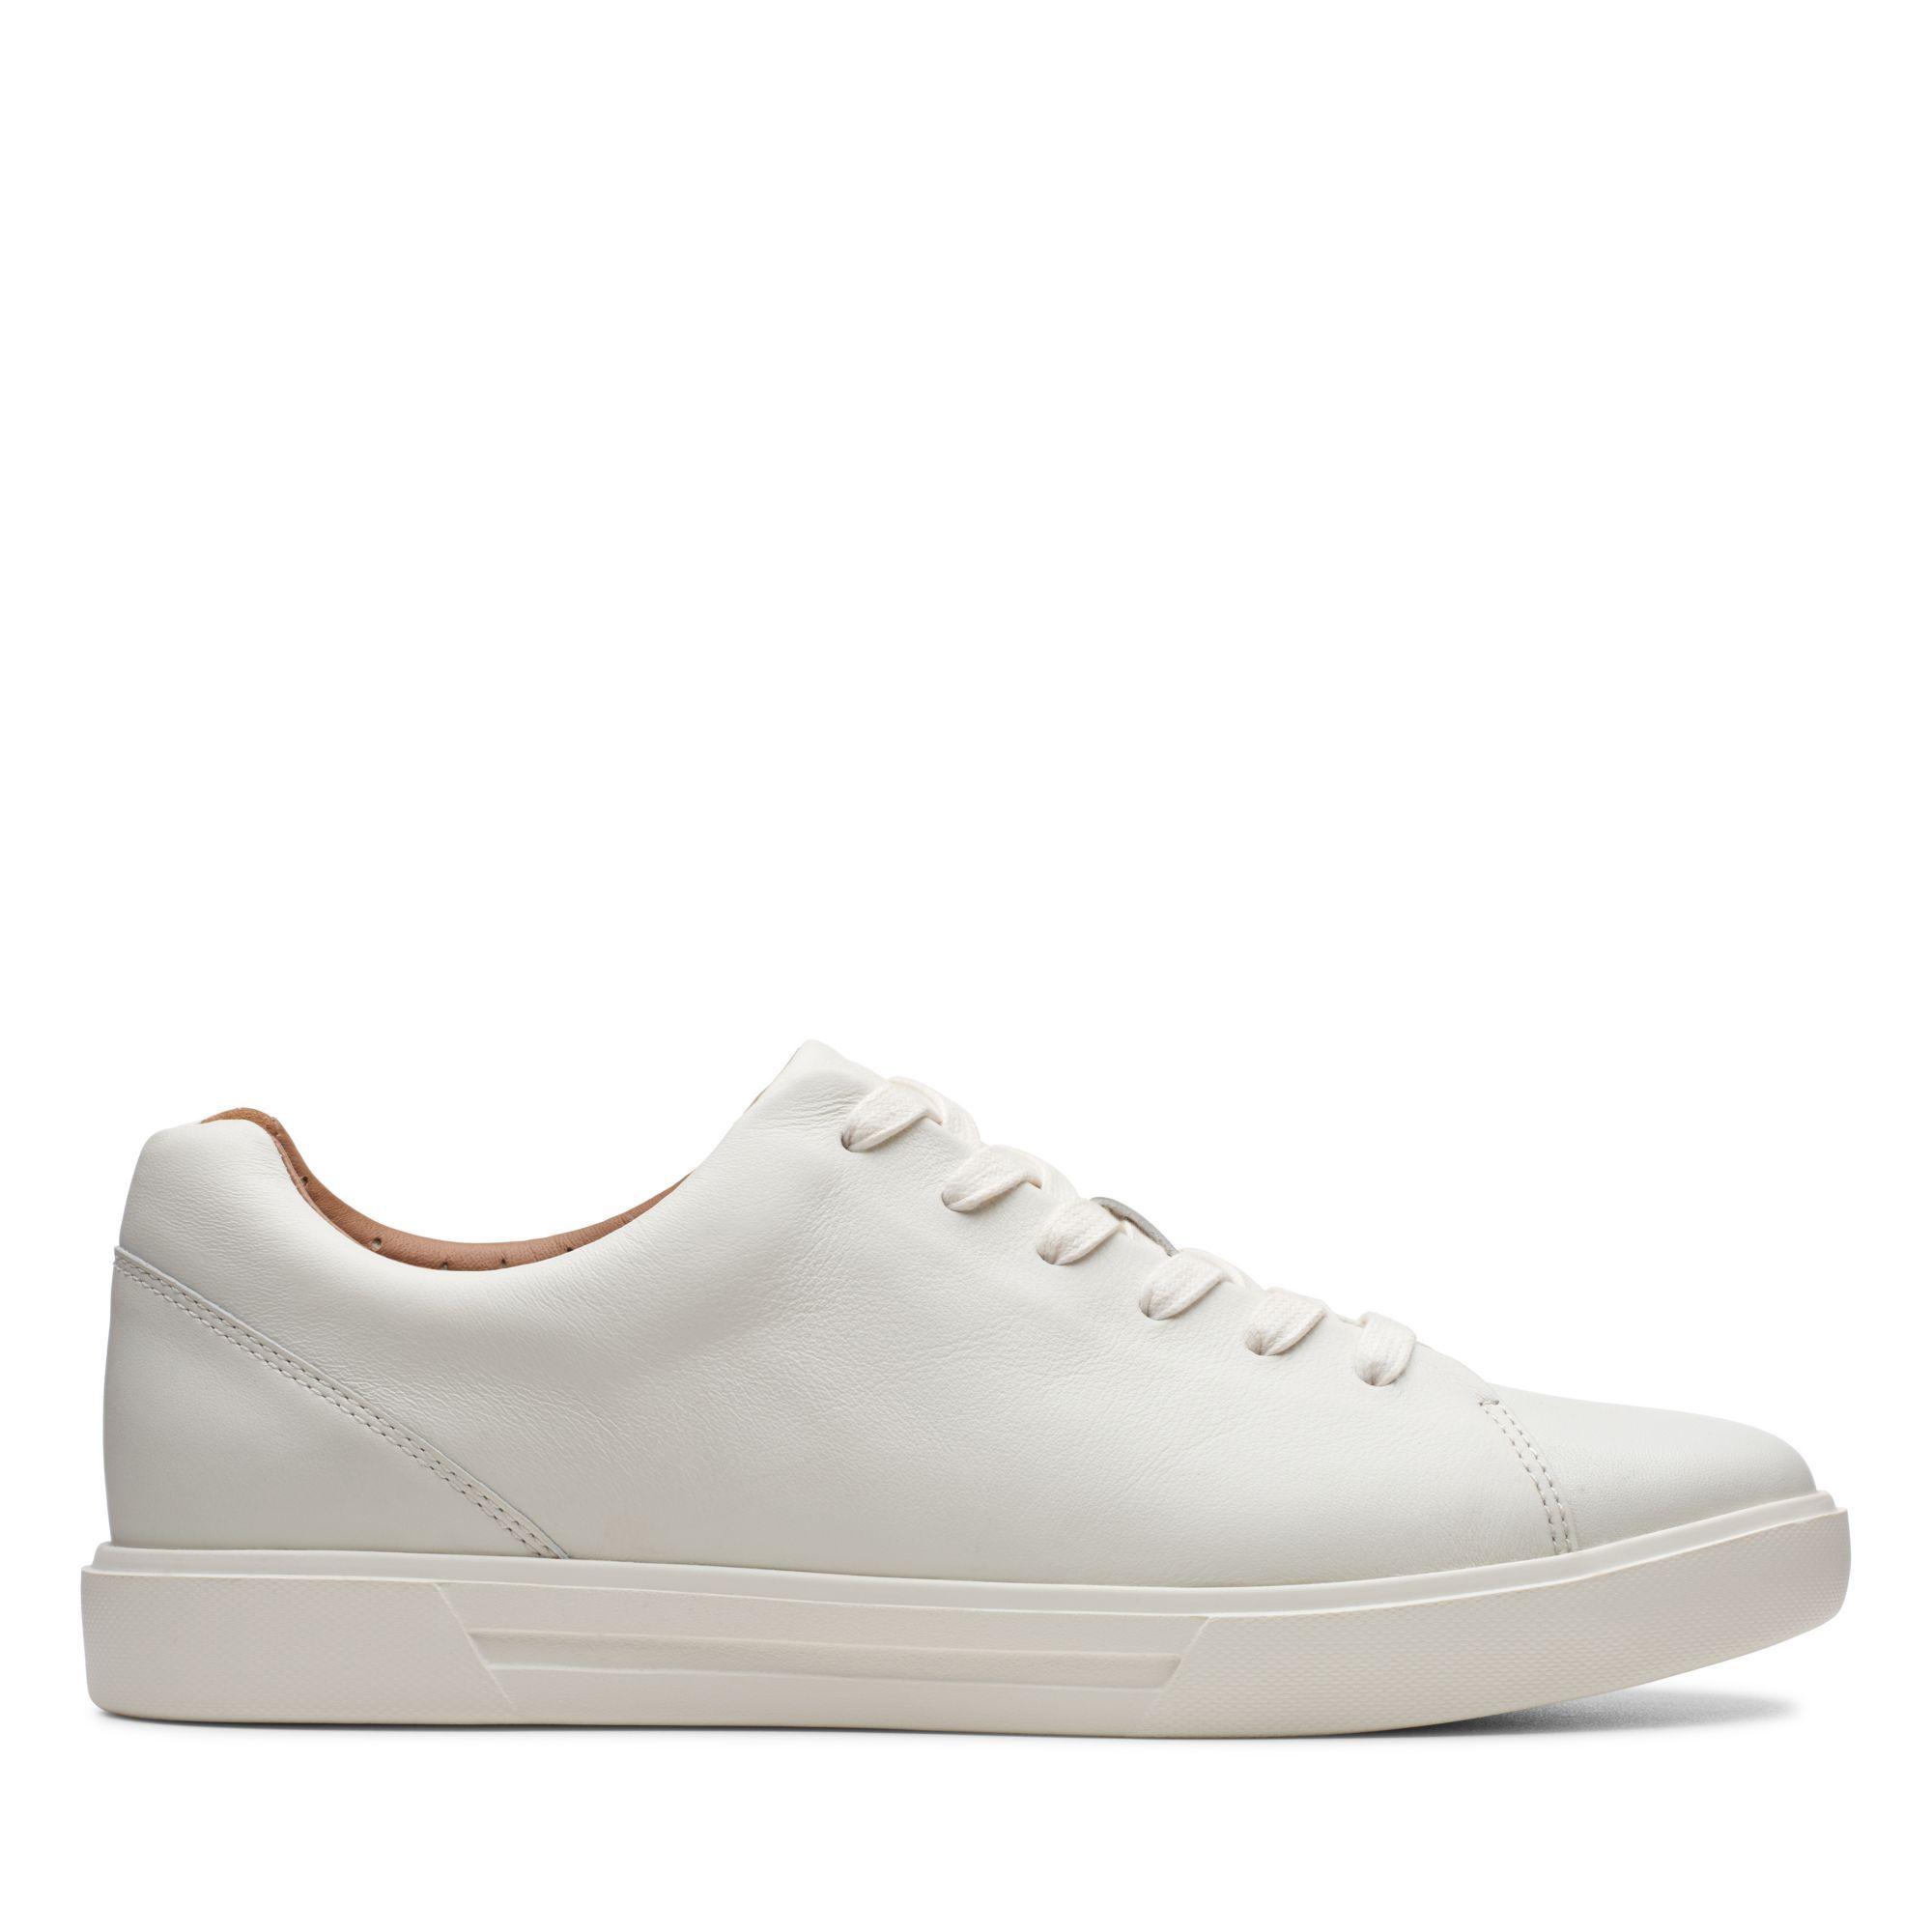 Men's White Leather Sneakers - Un Costa